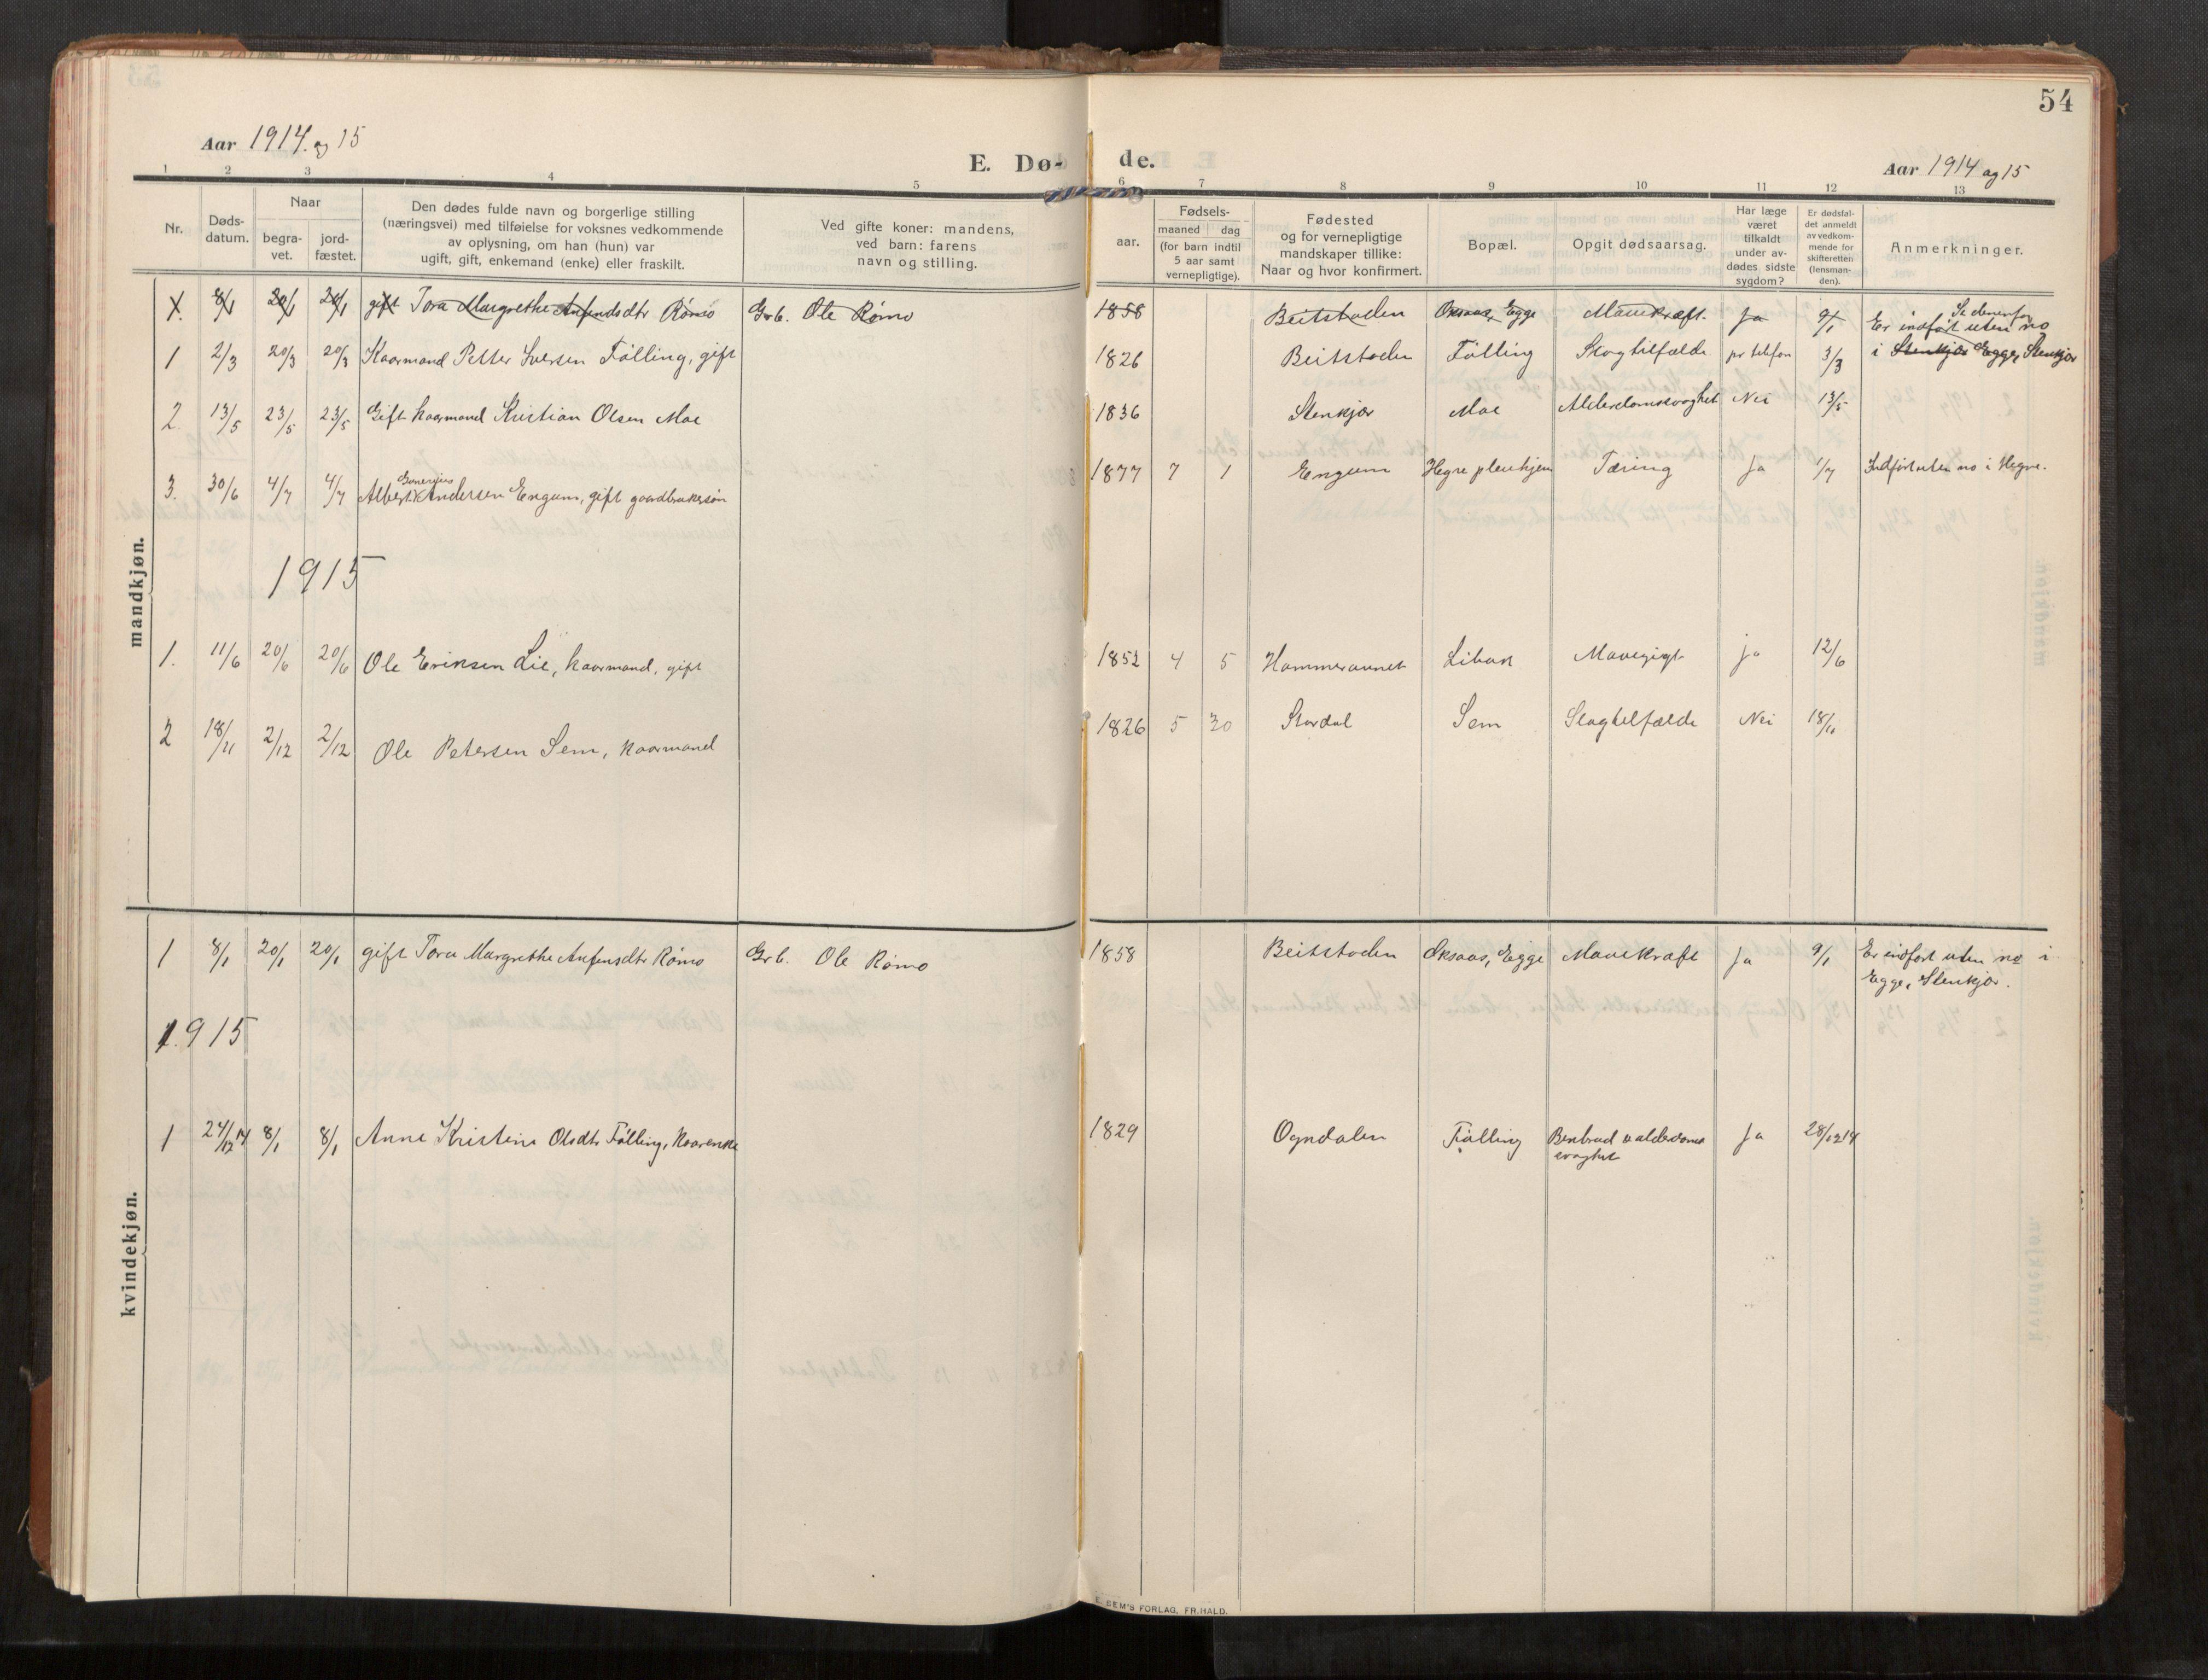 SAT, Stod sokneprestkontor, I/I1/I1a/L0003: Parish register (official) no. 3, 1909-1934, p. 54